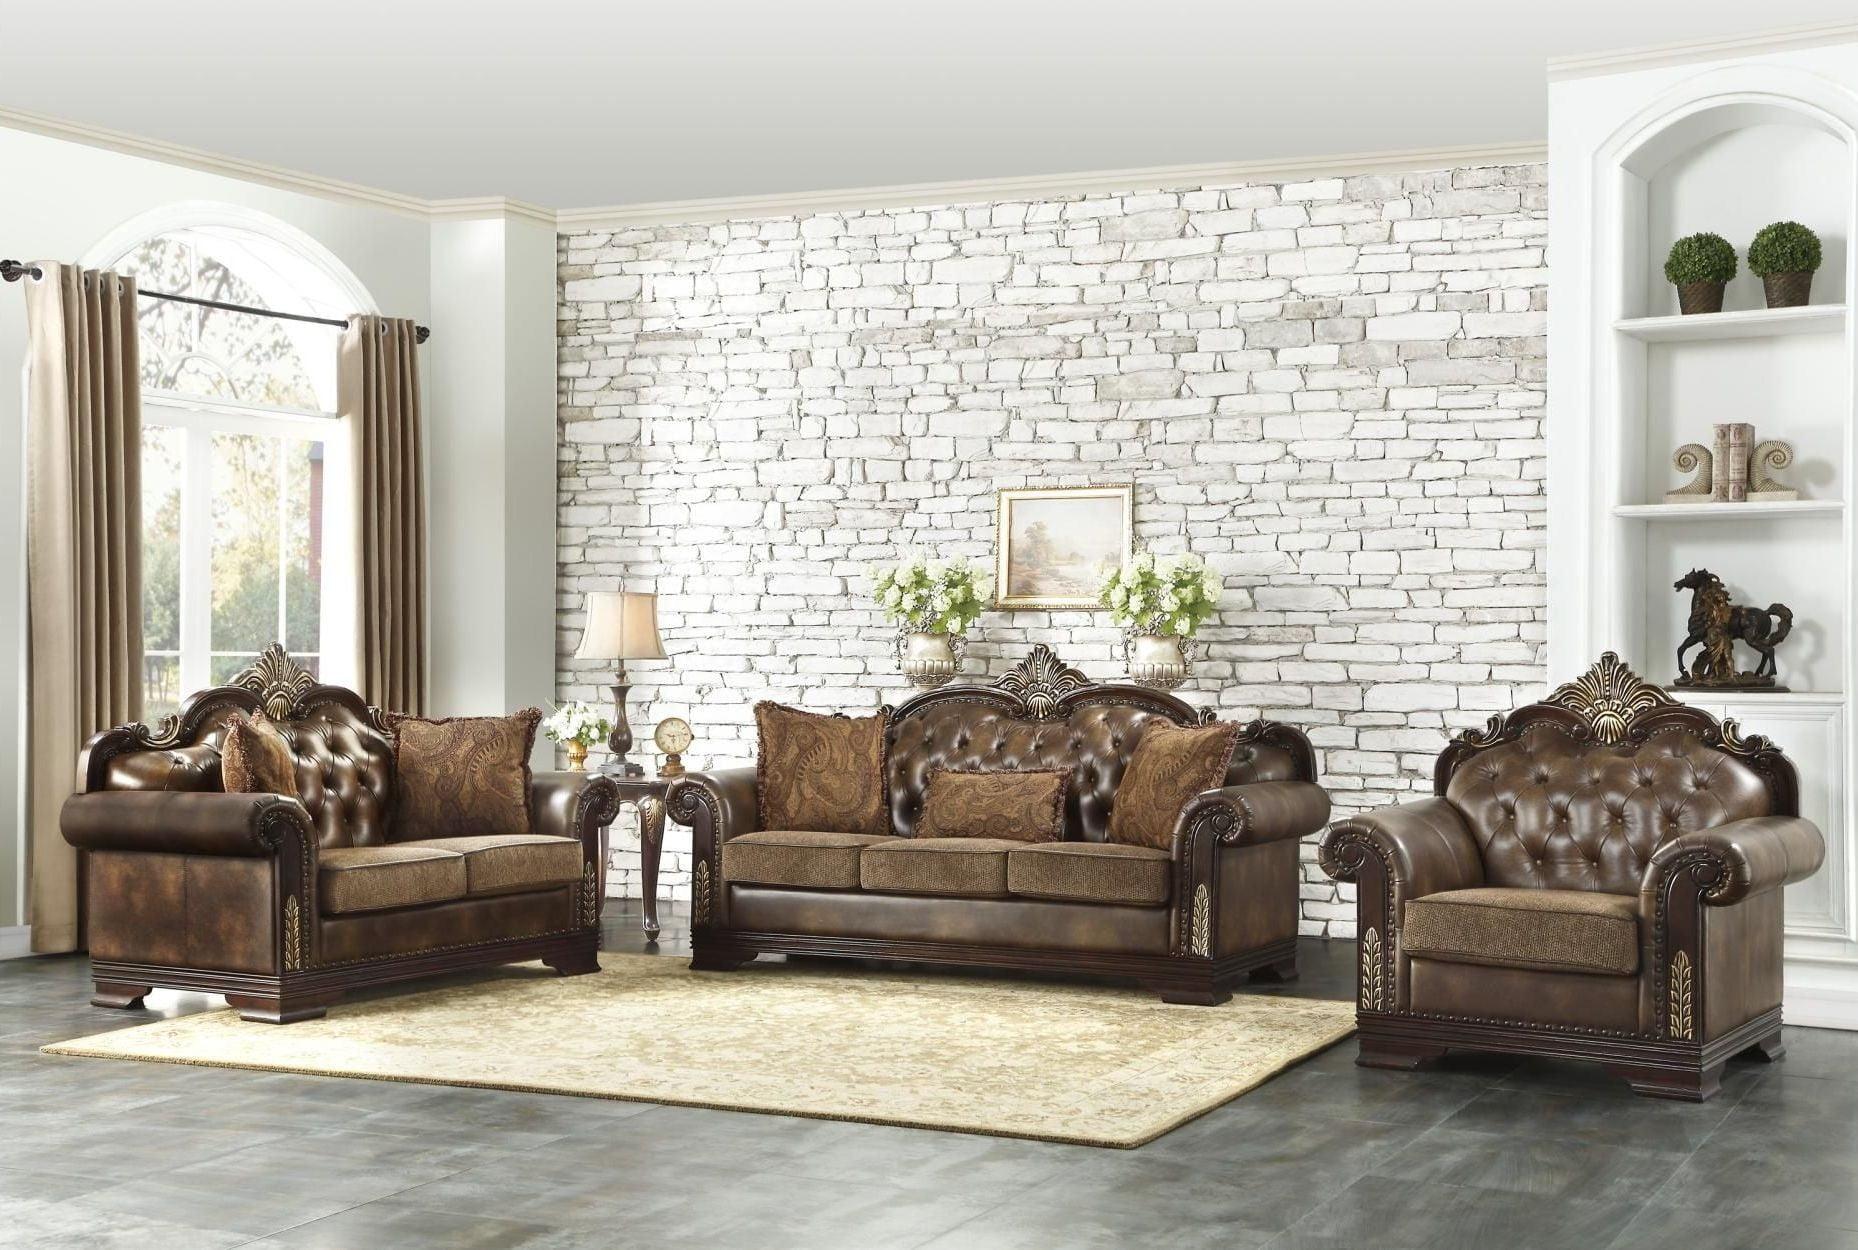 Croydon Brown Living Room Set from Homelegance | Coleman Furniture